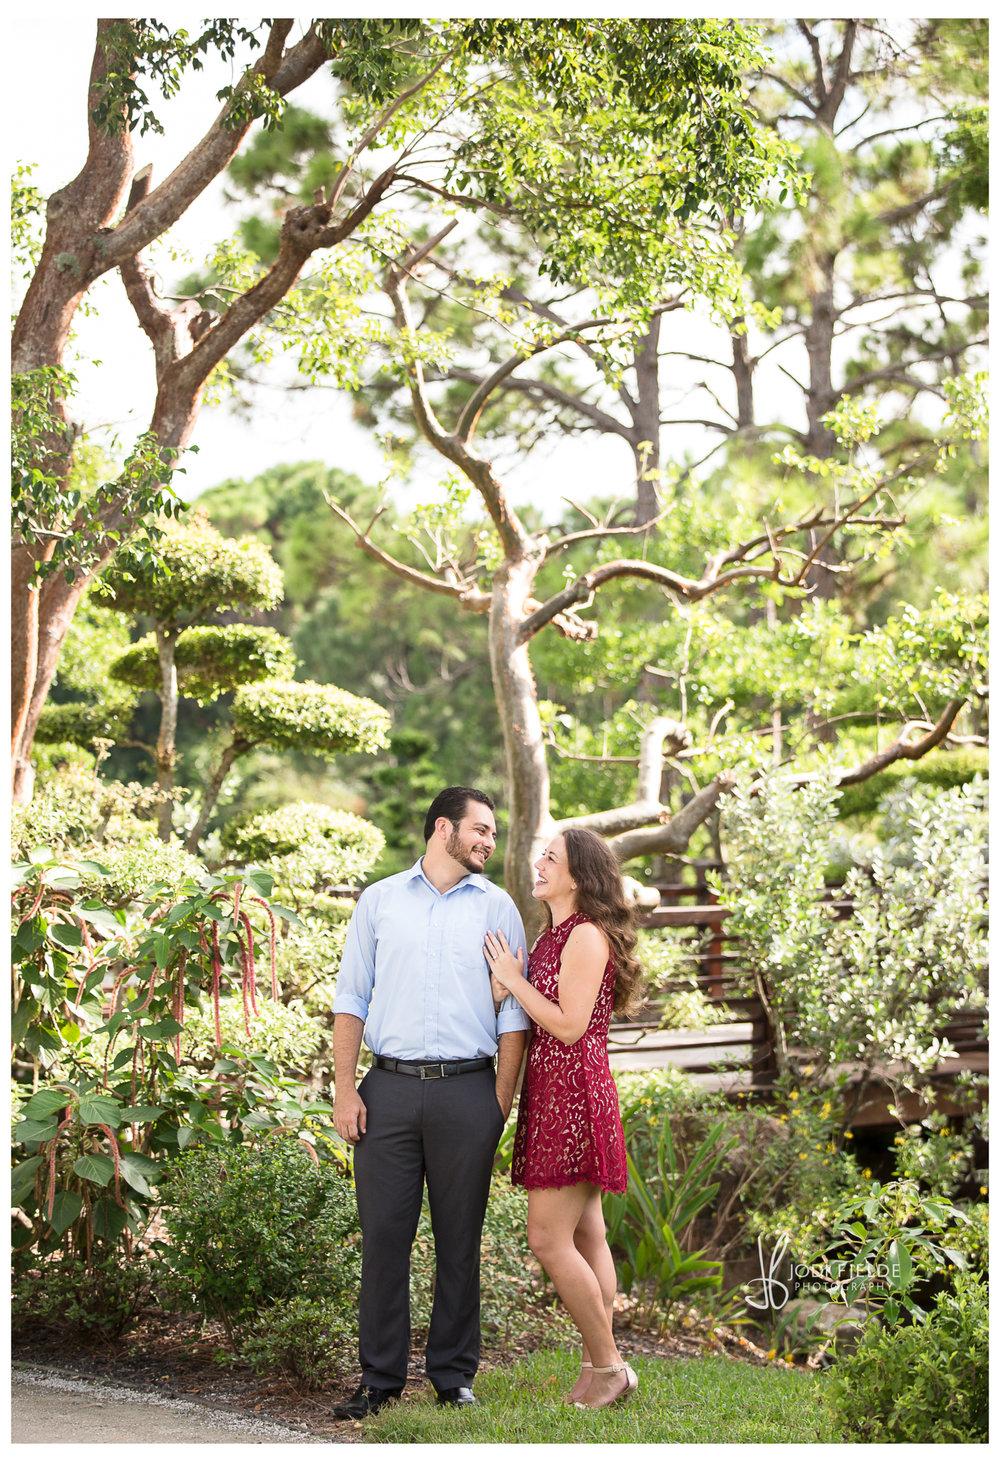 Morikami_Museum_Gardens_Delray_Beach_Engagement_Heather_and Doug_5.jpg